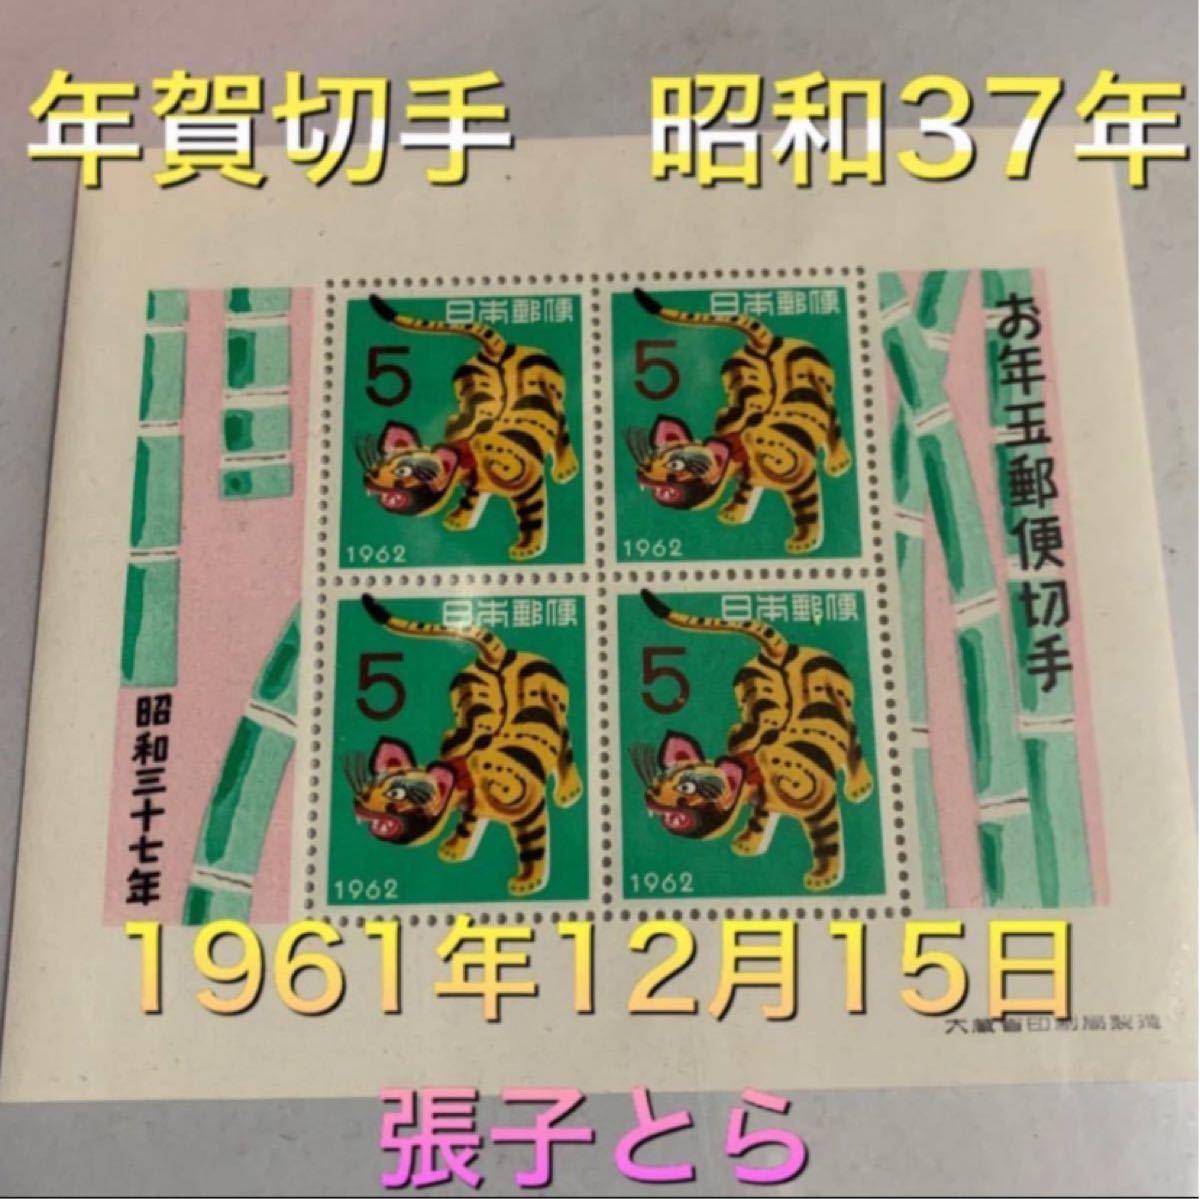 年賀切手 昭和37年 張子とら 小型シート 切手 日本切手 昭和切手